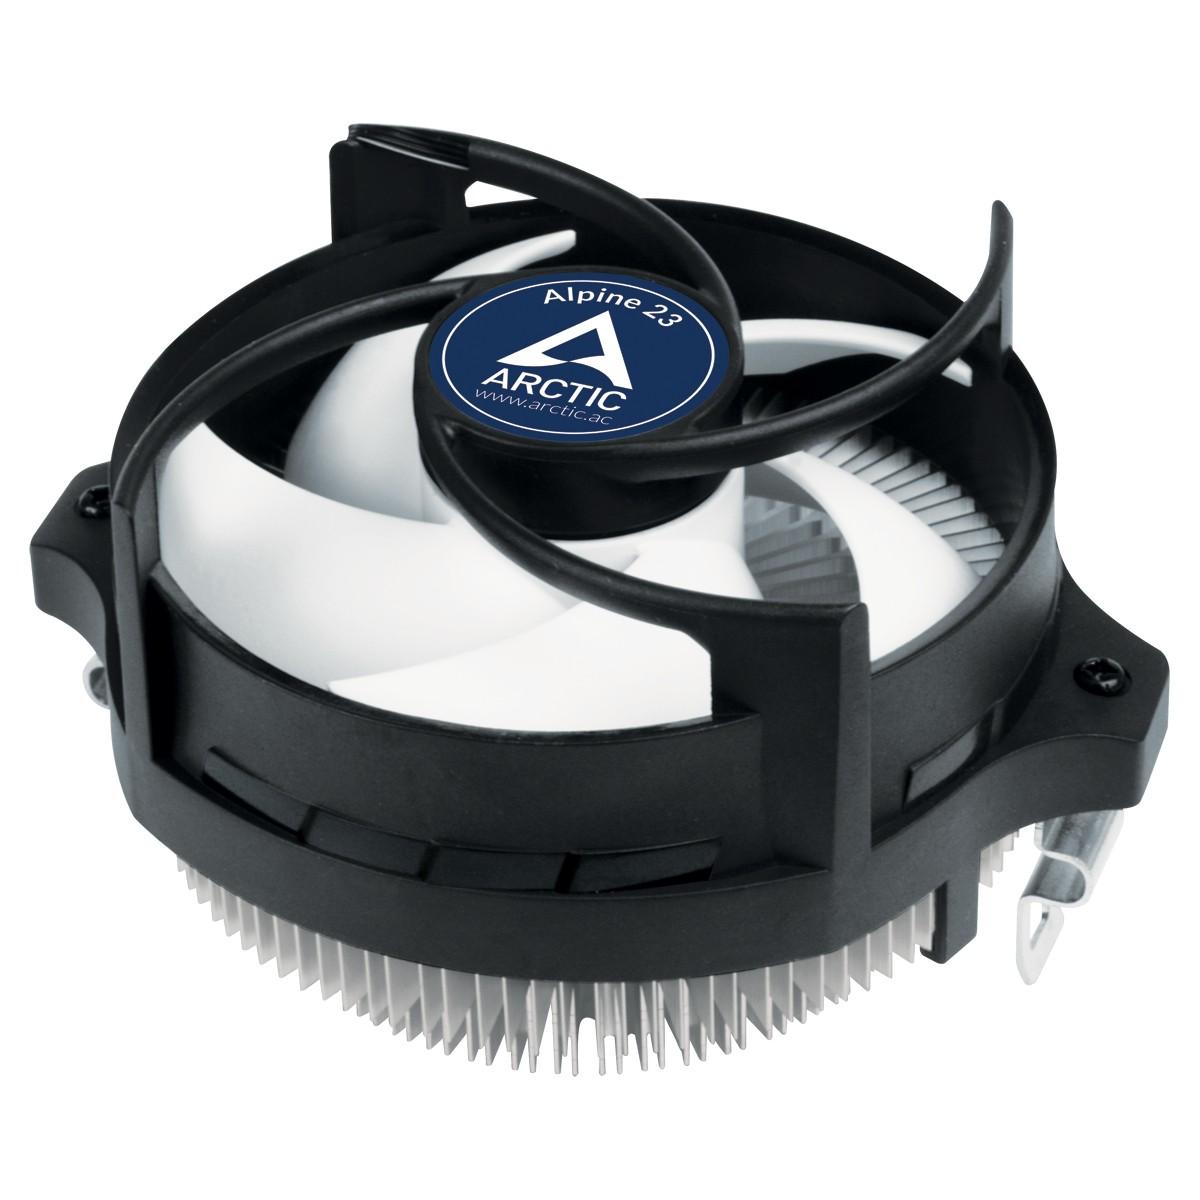 ARCTIC Alpine 23 - Compact AMD CPU-Cooler Processor Koelset 9 cm Aluminium, Zwart 1 stuk(s)